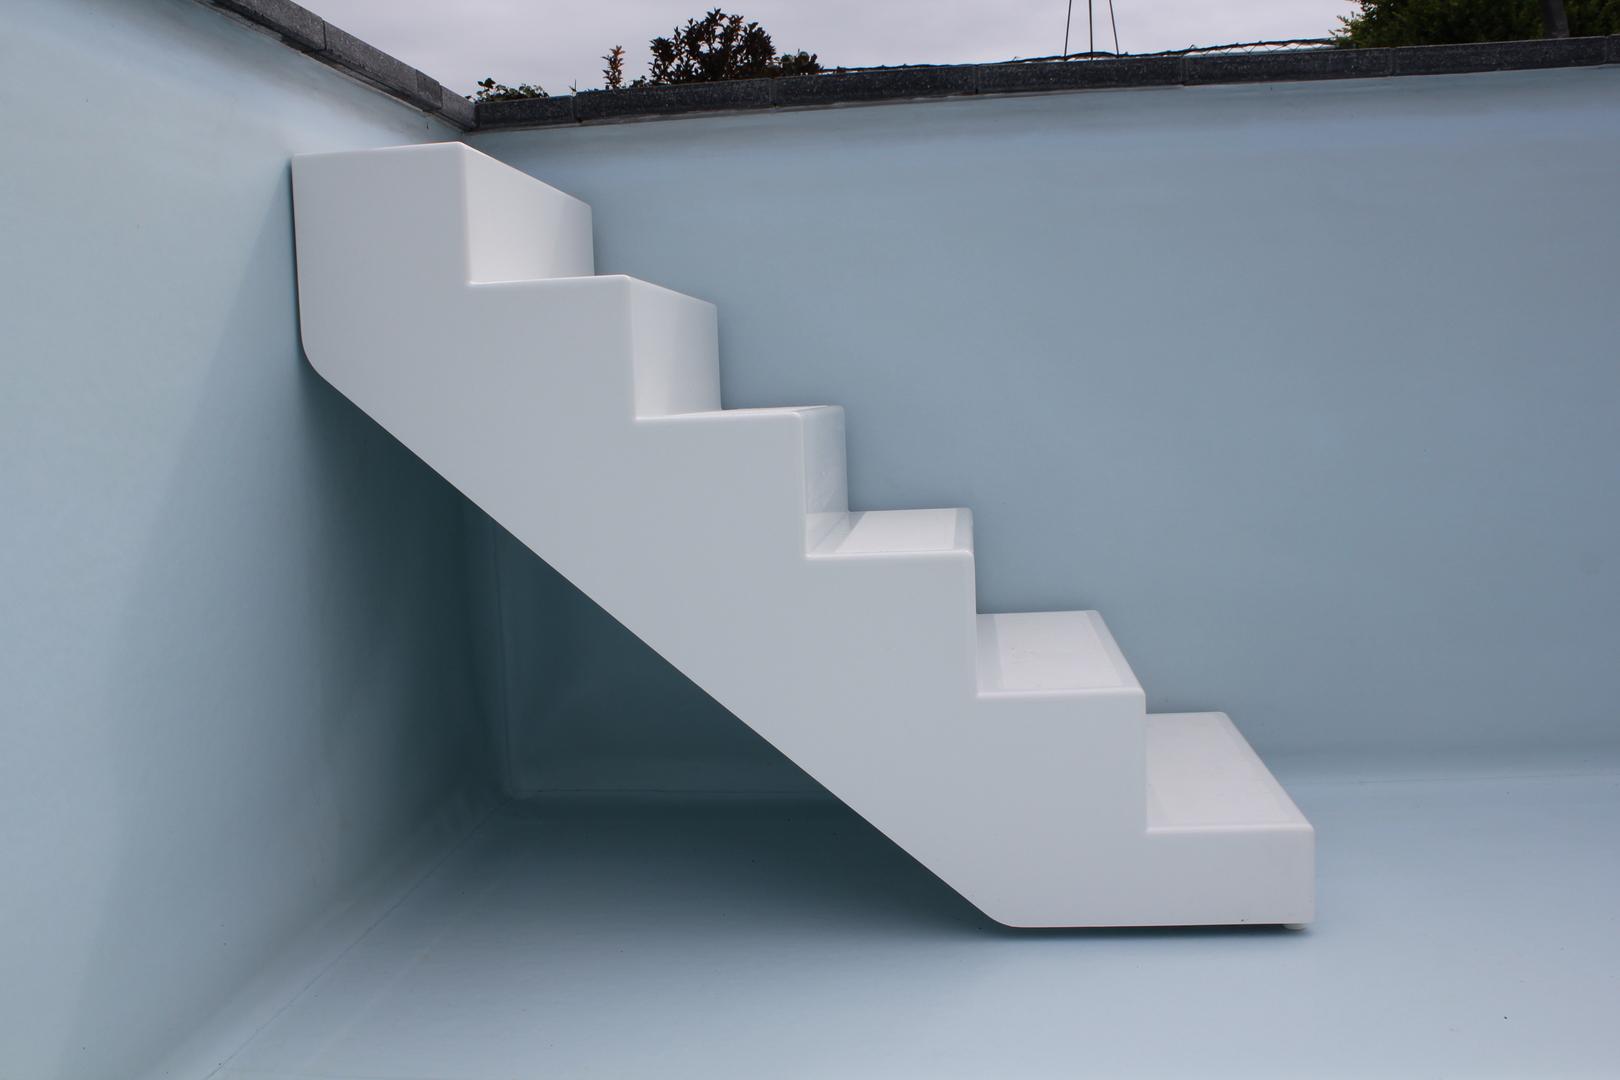 individuelle fertigung von gfk formteilen f r pools industrie. Black Bedroom Furniture Sets. Home Design Ideas